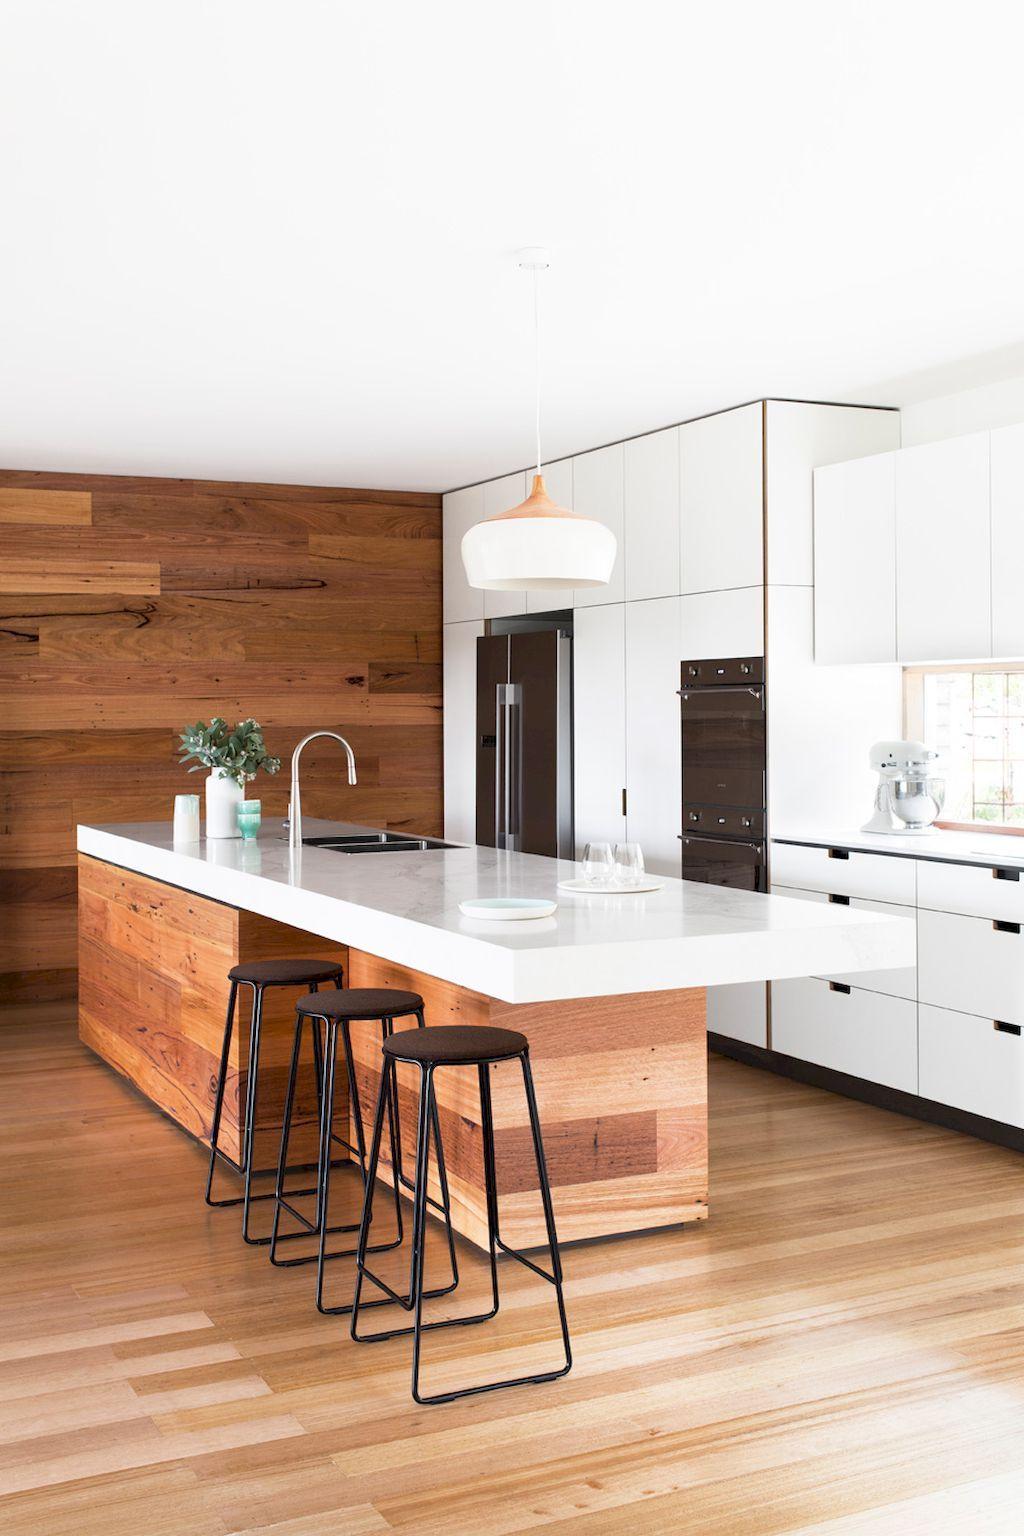 95 modern minimalist kitchen designs minimalist kitchen design contemporary kitchen kitchen on kitchen ideas minimalist id=11361